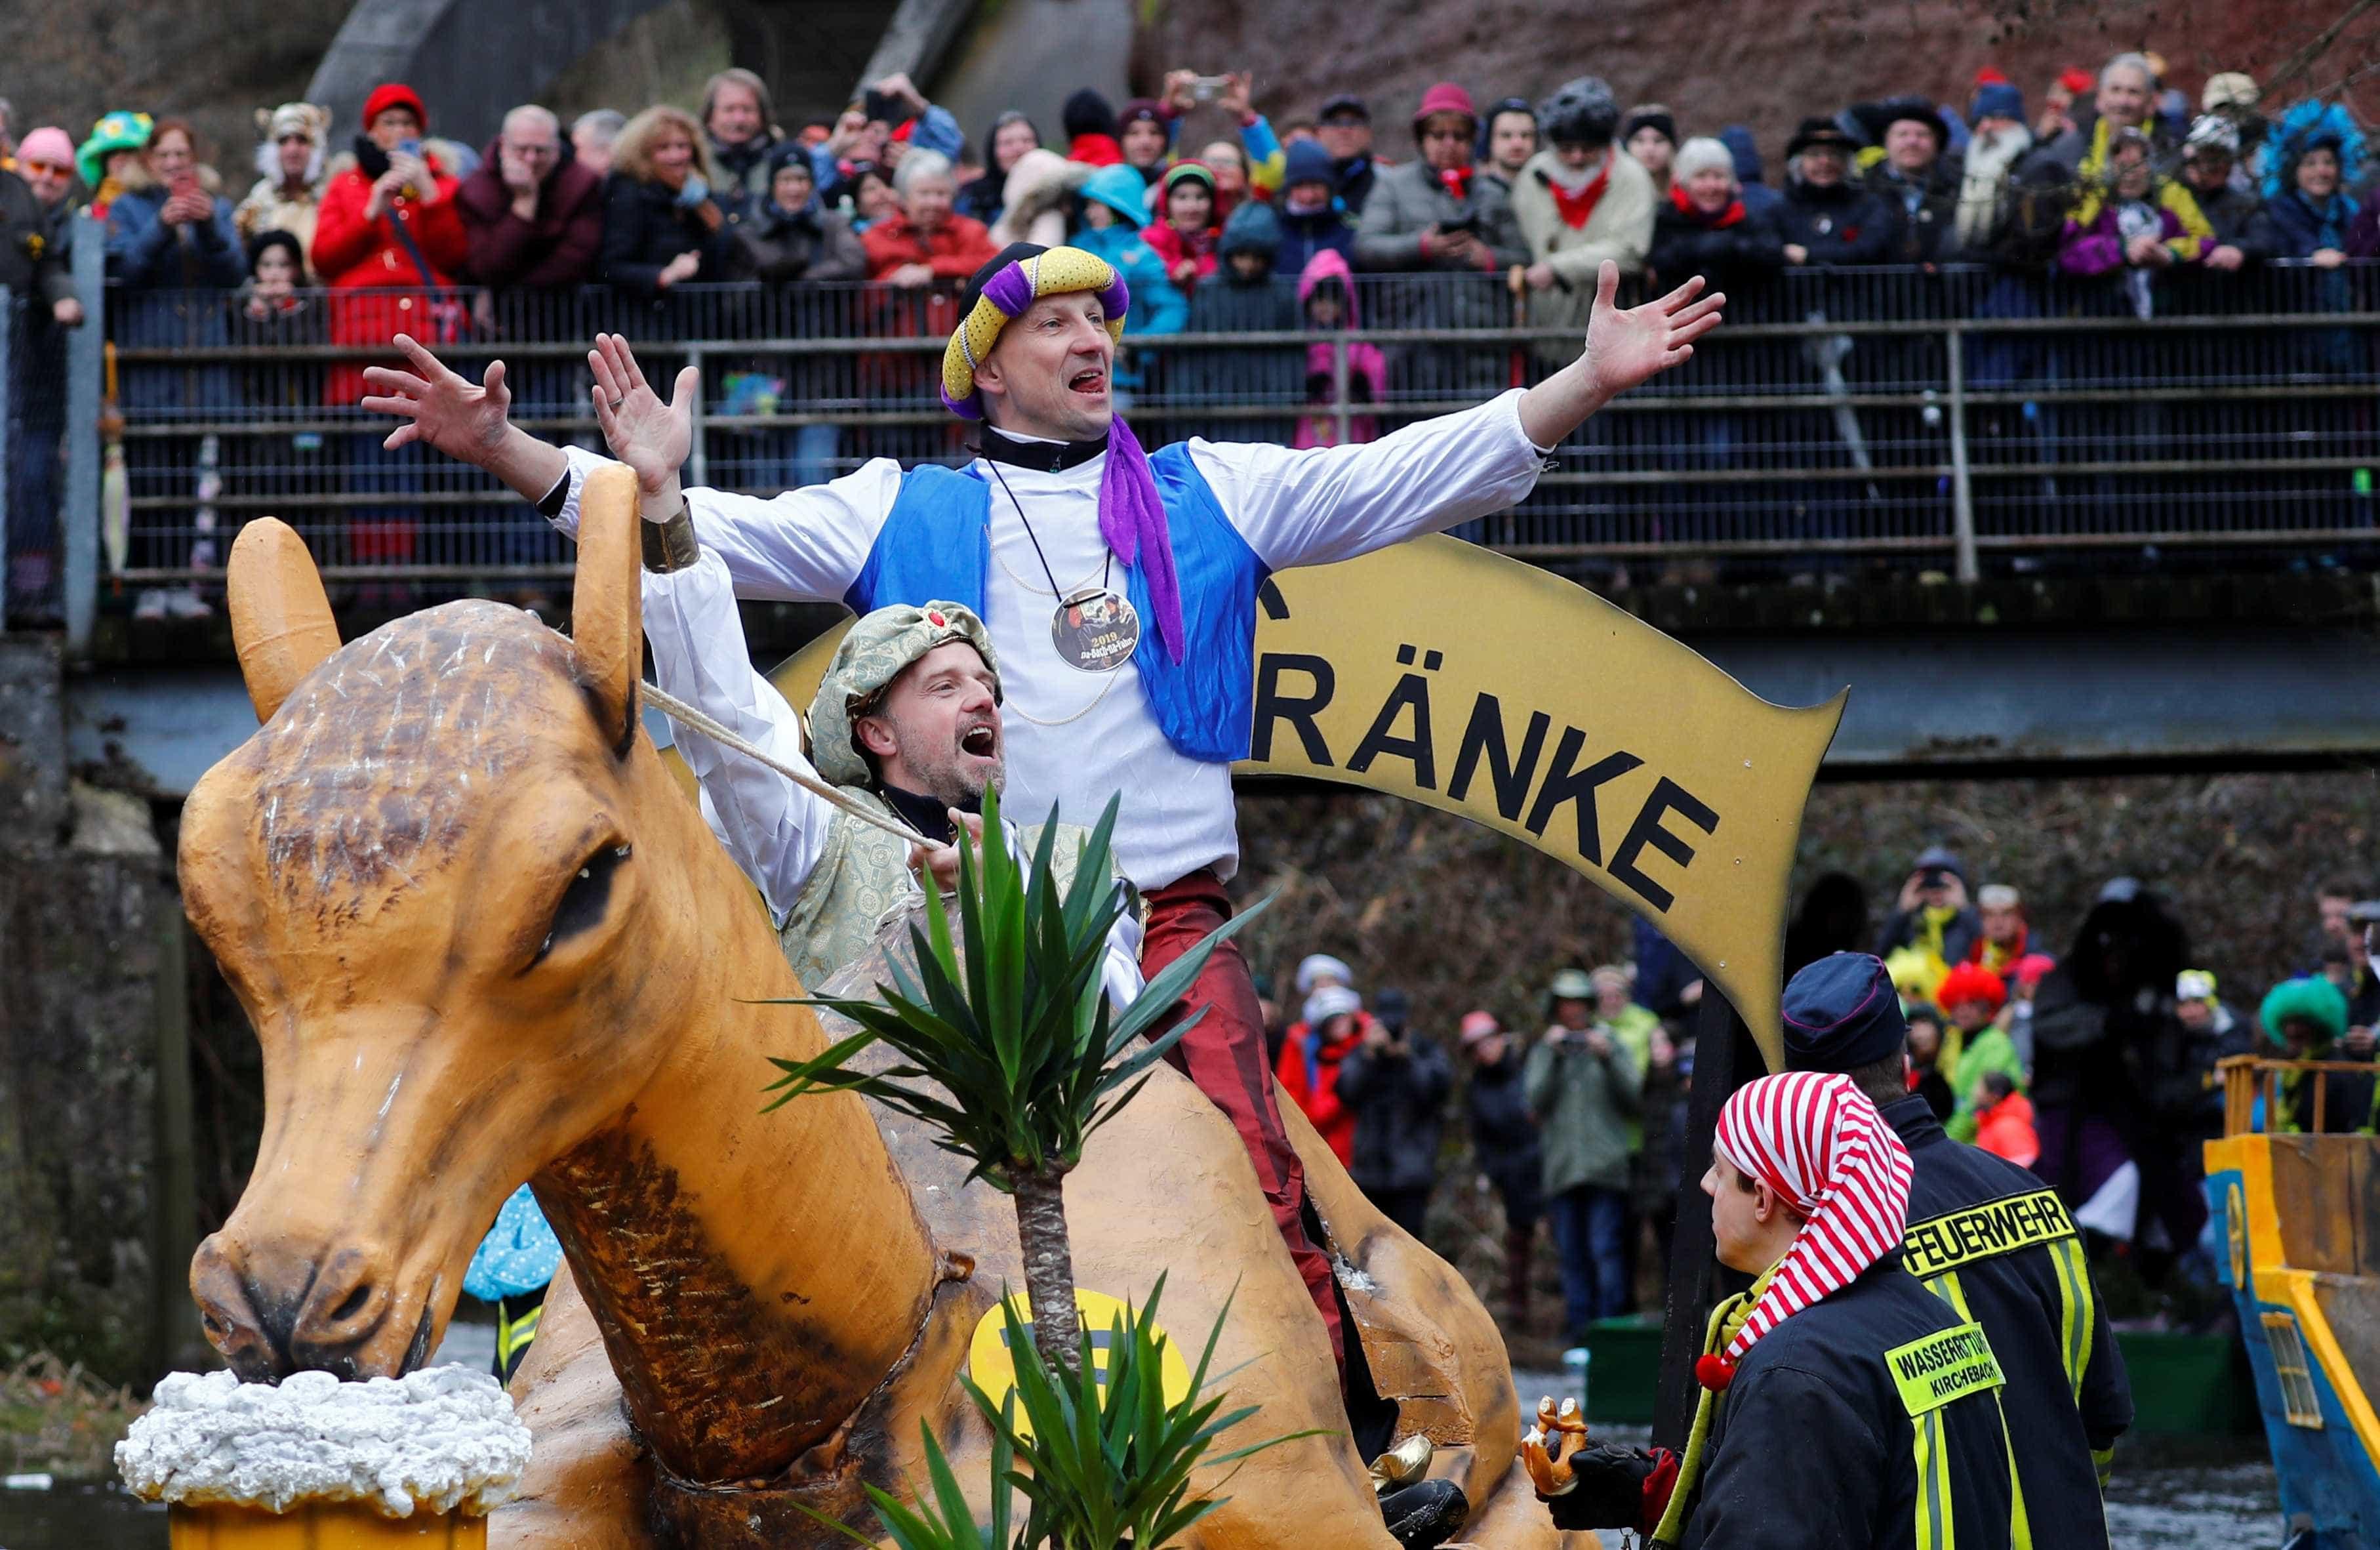 Na Alemanha há um Carnaval semelhante a tantos outros, mas na água